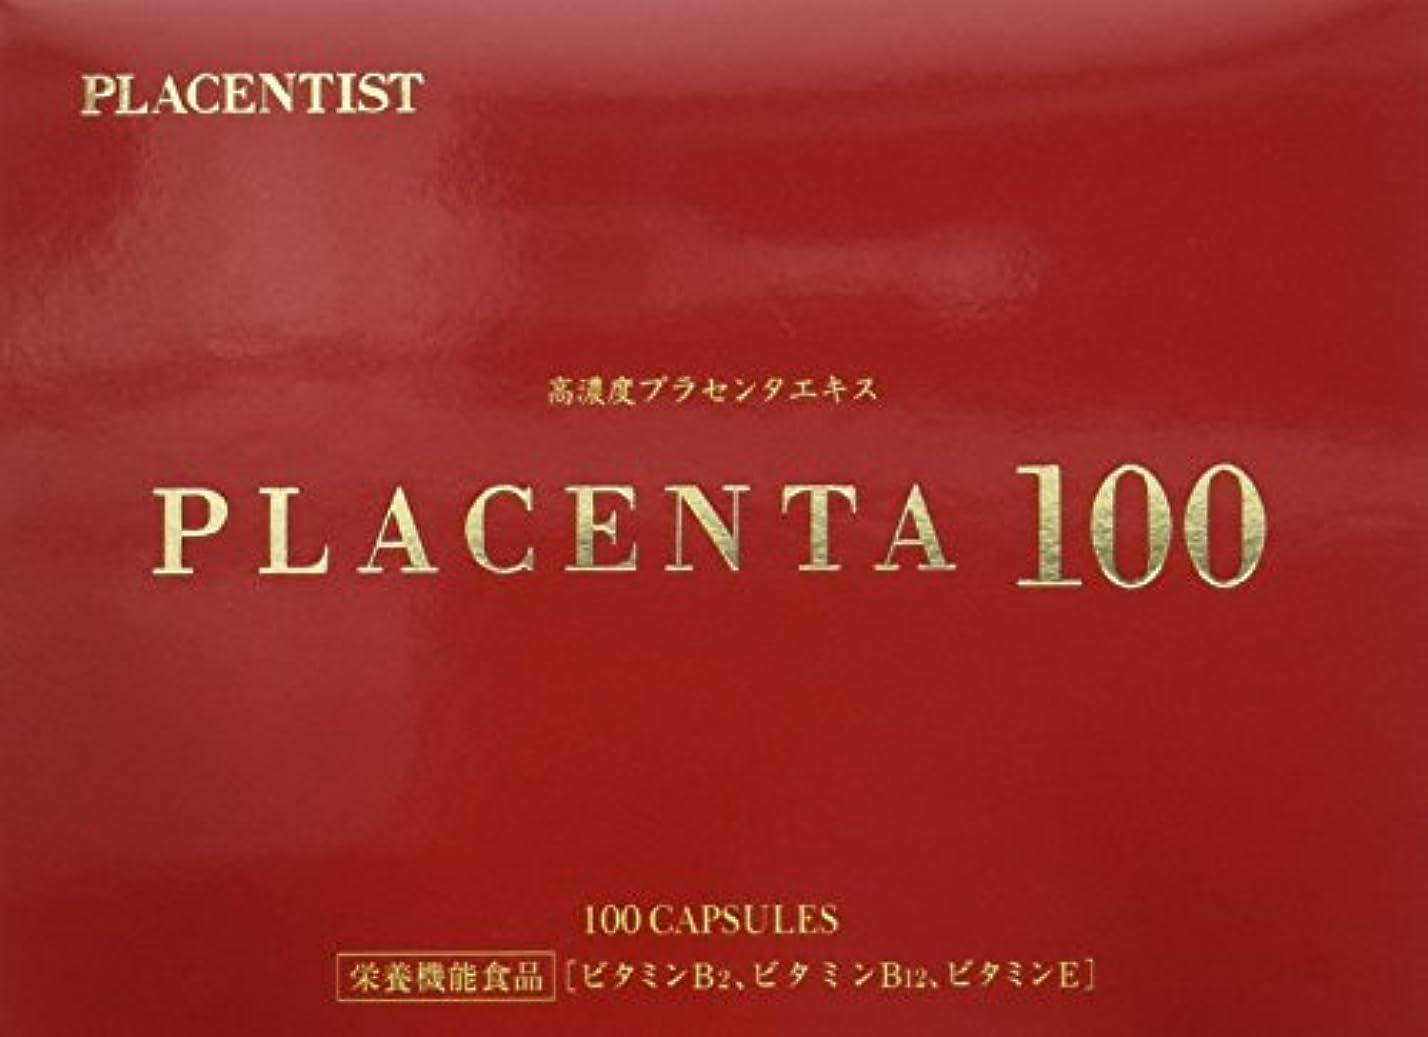 構成するクラブトーストプラセンタ100 レギュラーサイズ 100粒